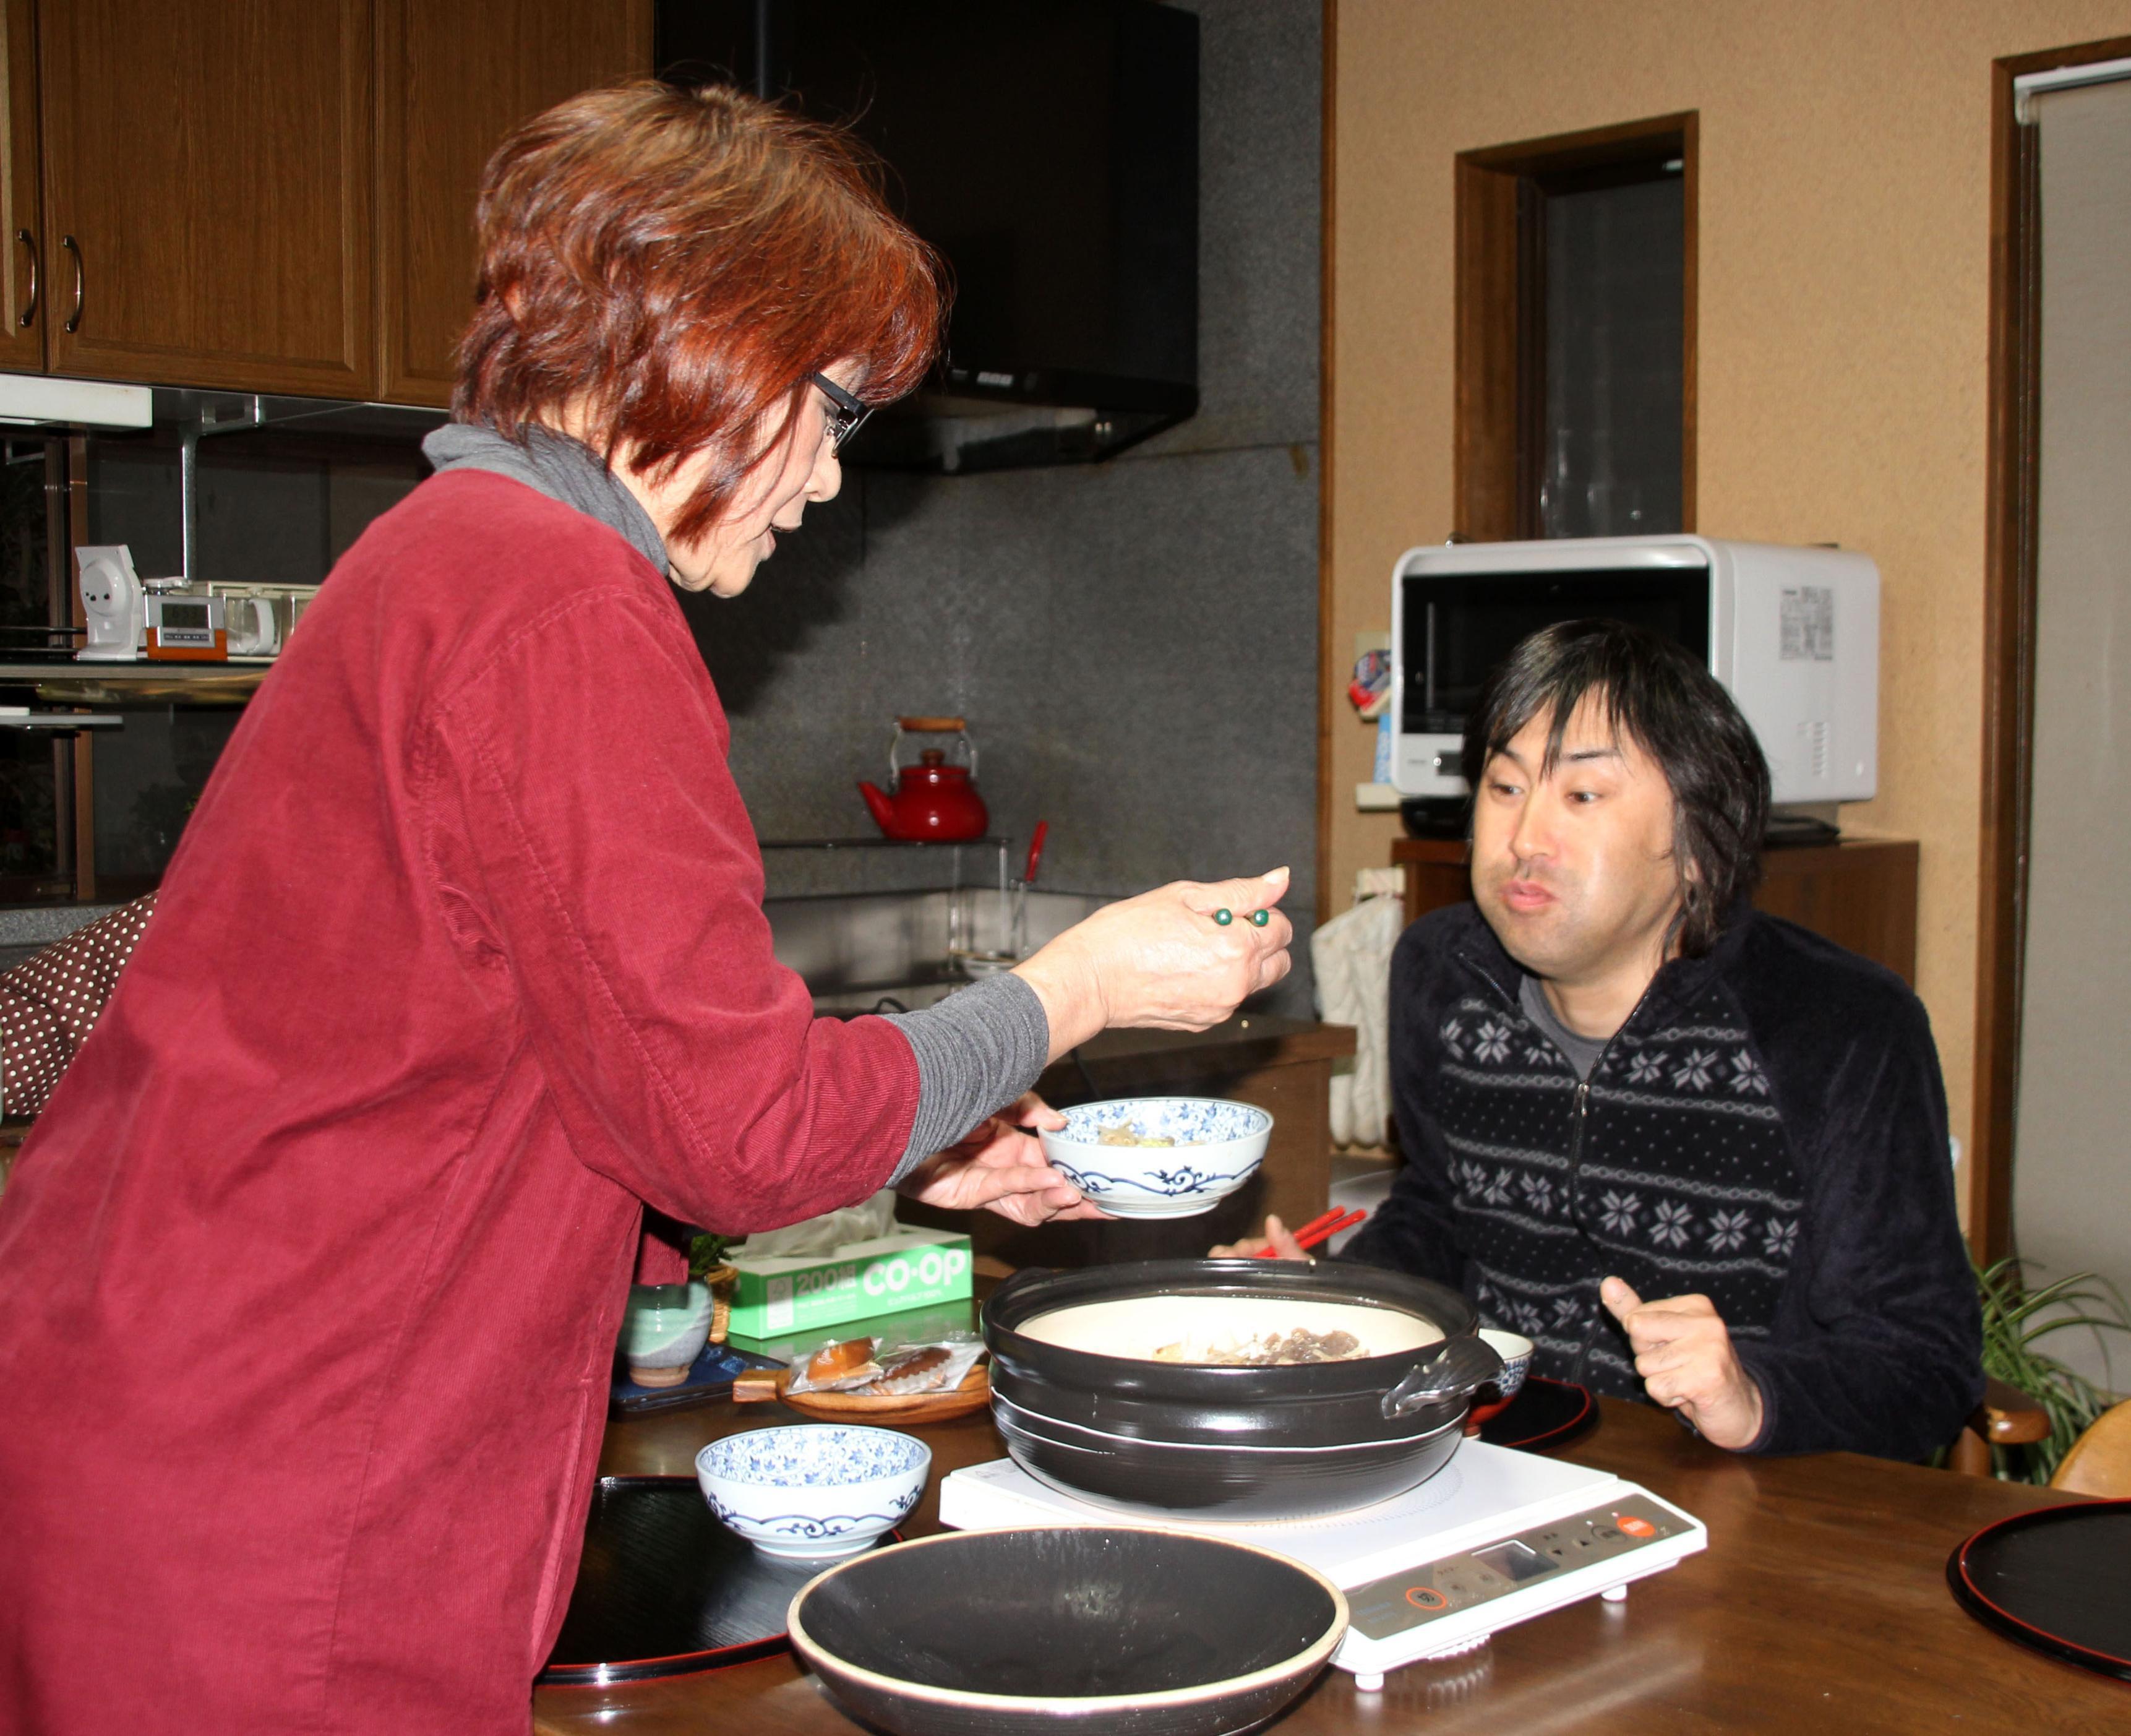 障害がある次男健治(右)に夕食をよそう福井公子、この日は健治の好物のすき焼きだ=徳島県阿波市